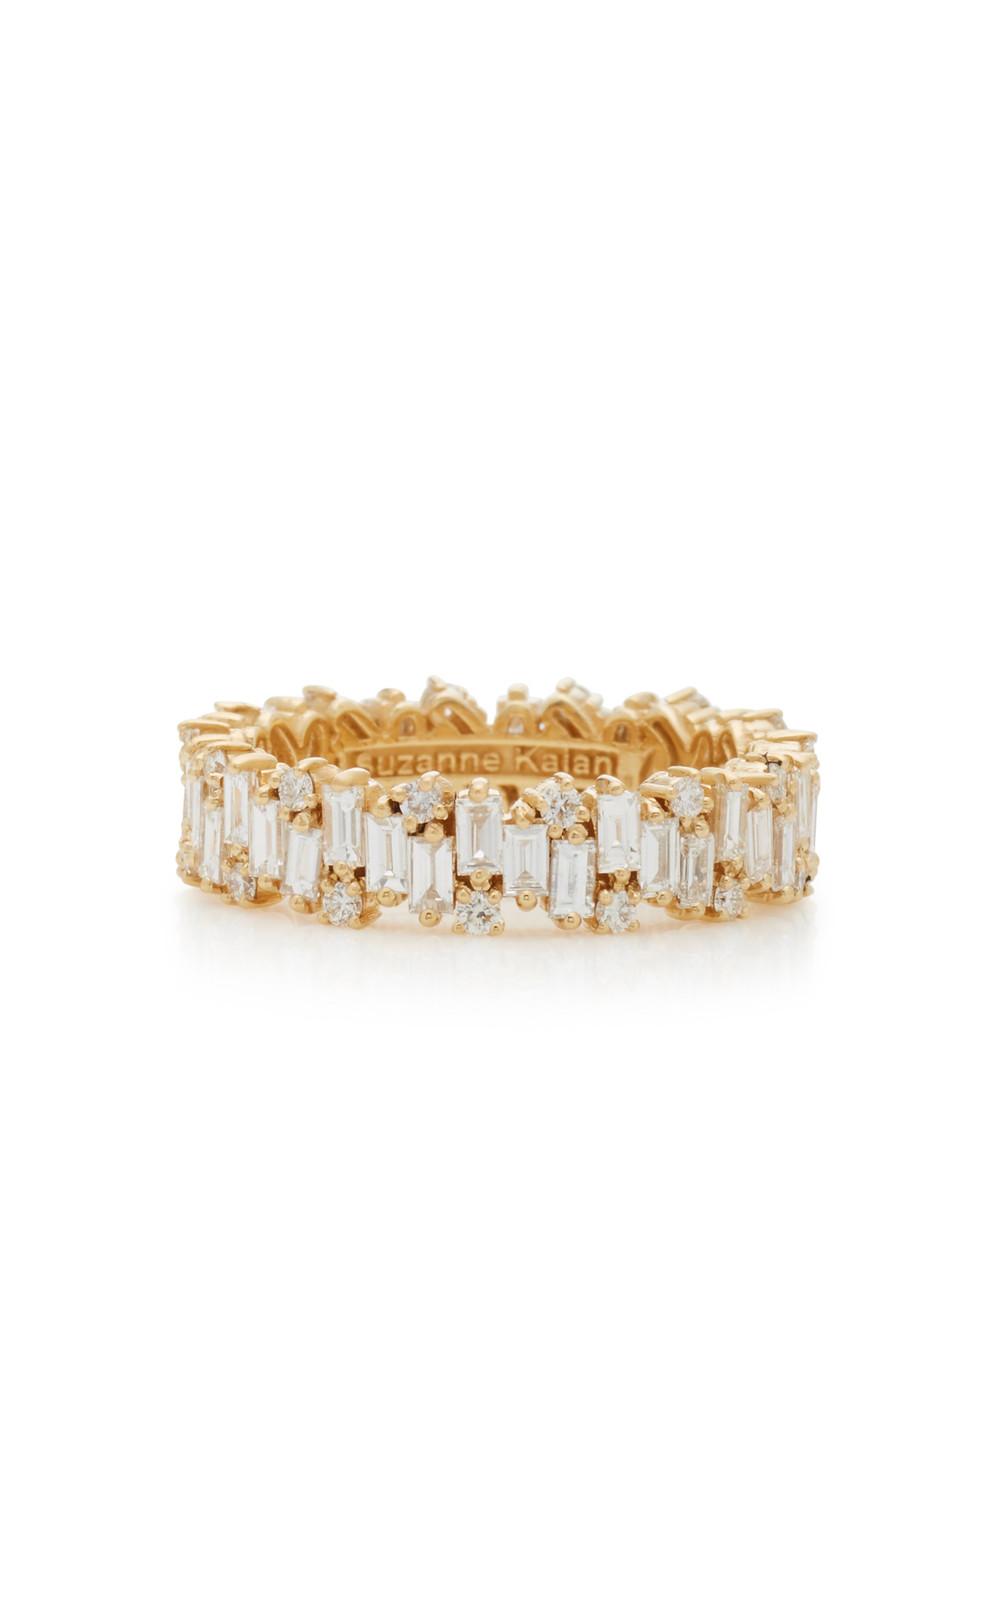 Suzanne Kalan 18K Gold Diamond Ring in white